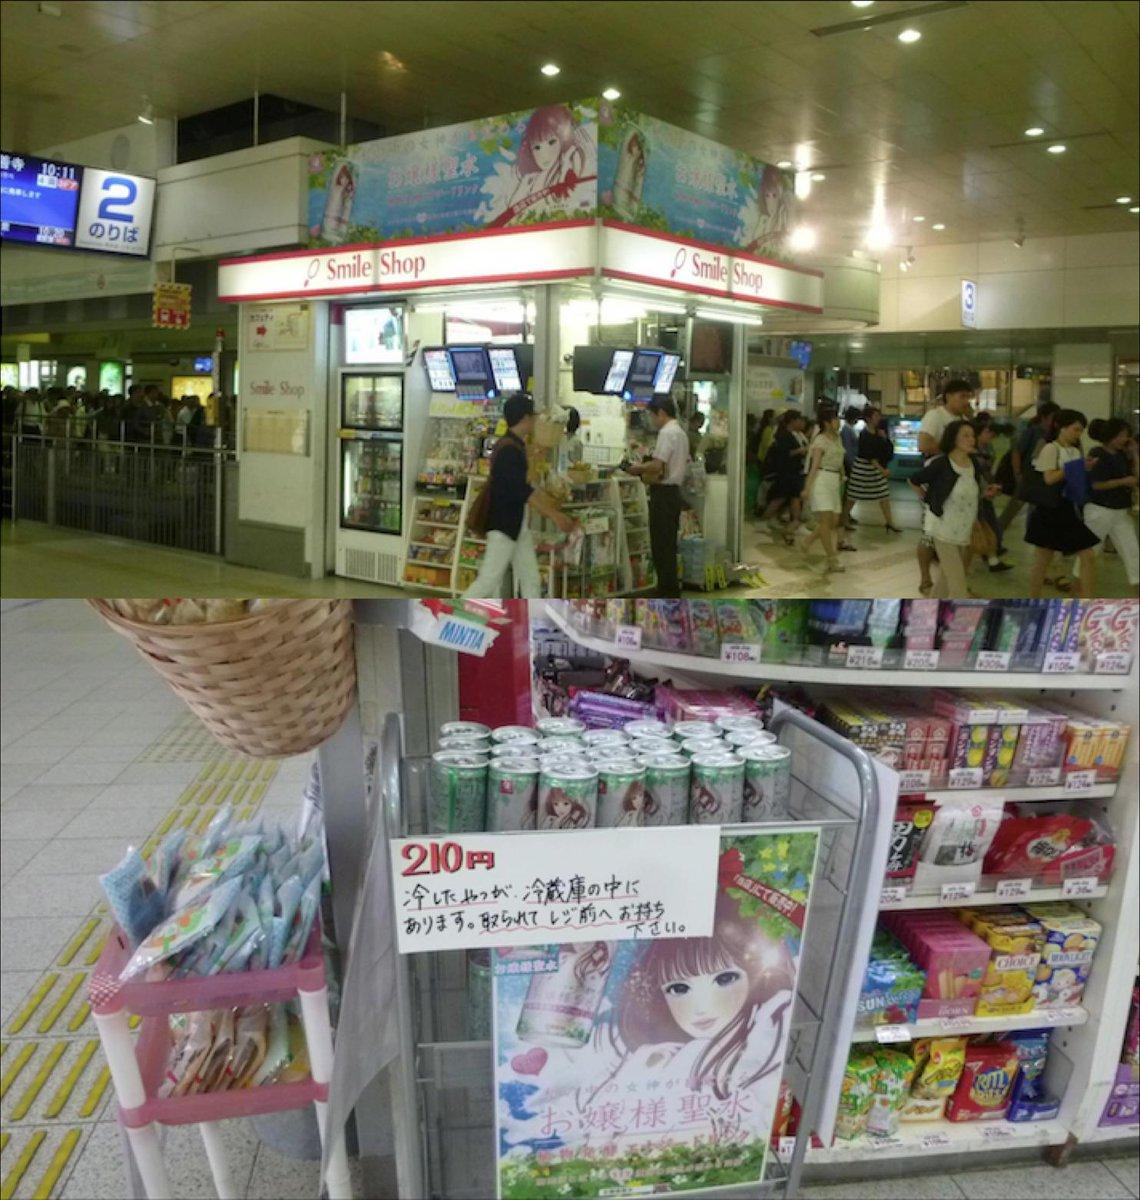 福岡の西鉄の売店にお嬢様の聖水とかいうカオスな飲み物が売ってて草 http://t.co/VZ2shaB0Se